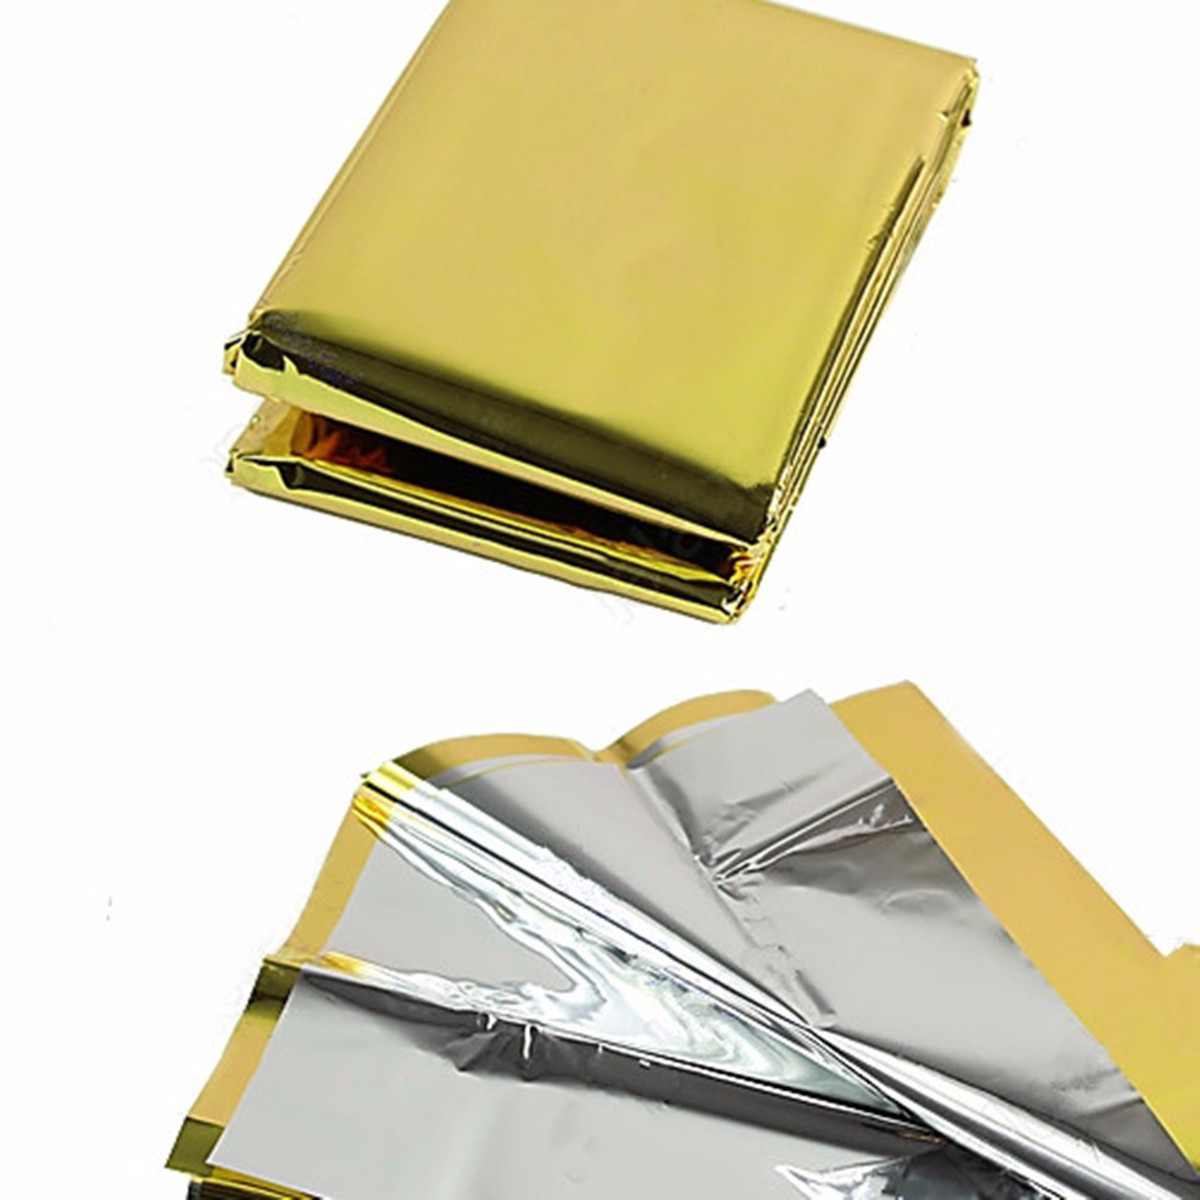 Спасательное покрывало золото/серебро , размер 160 Х 210 см , Польша